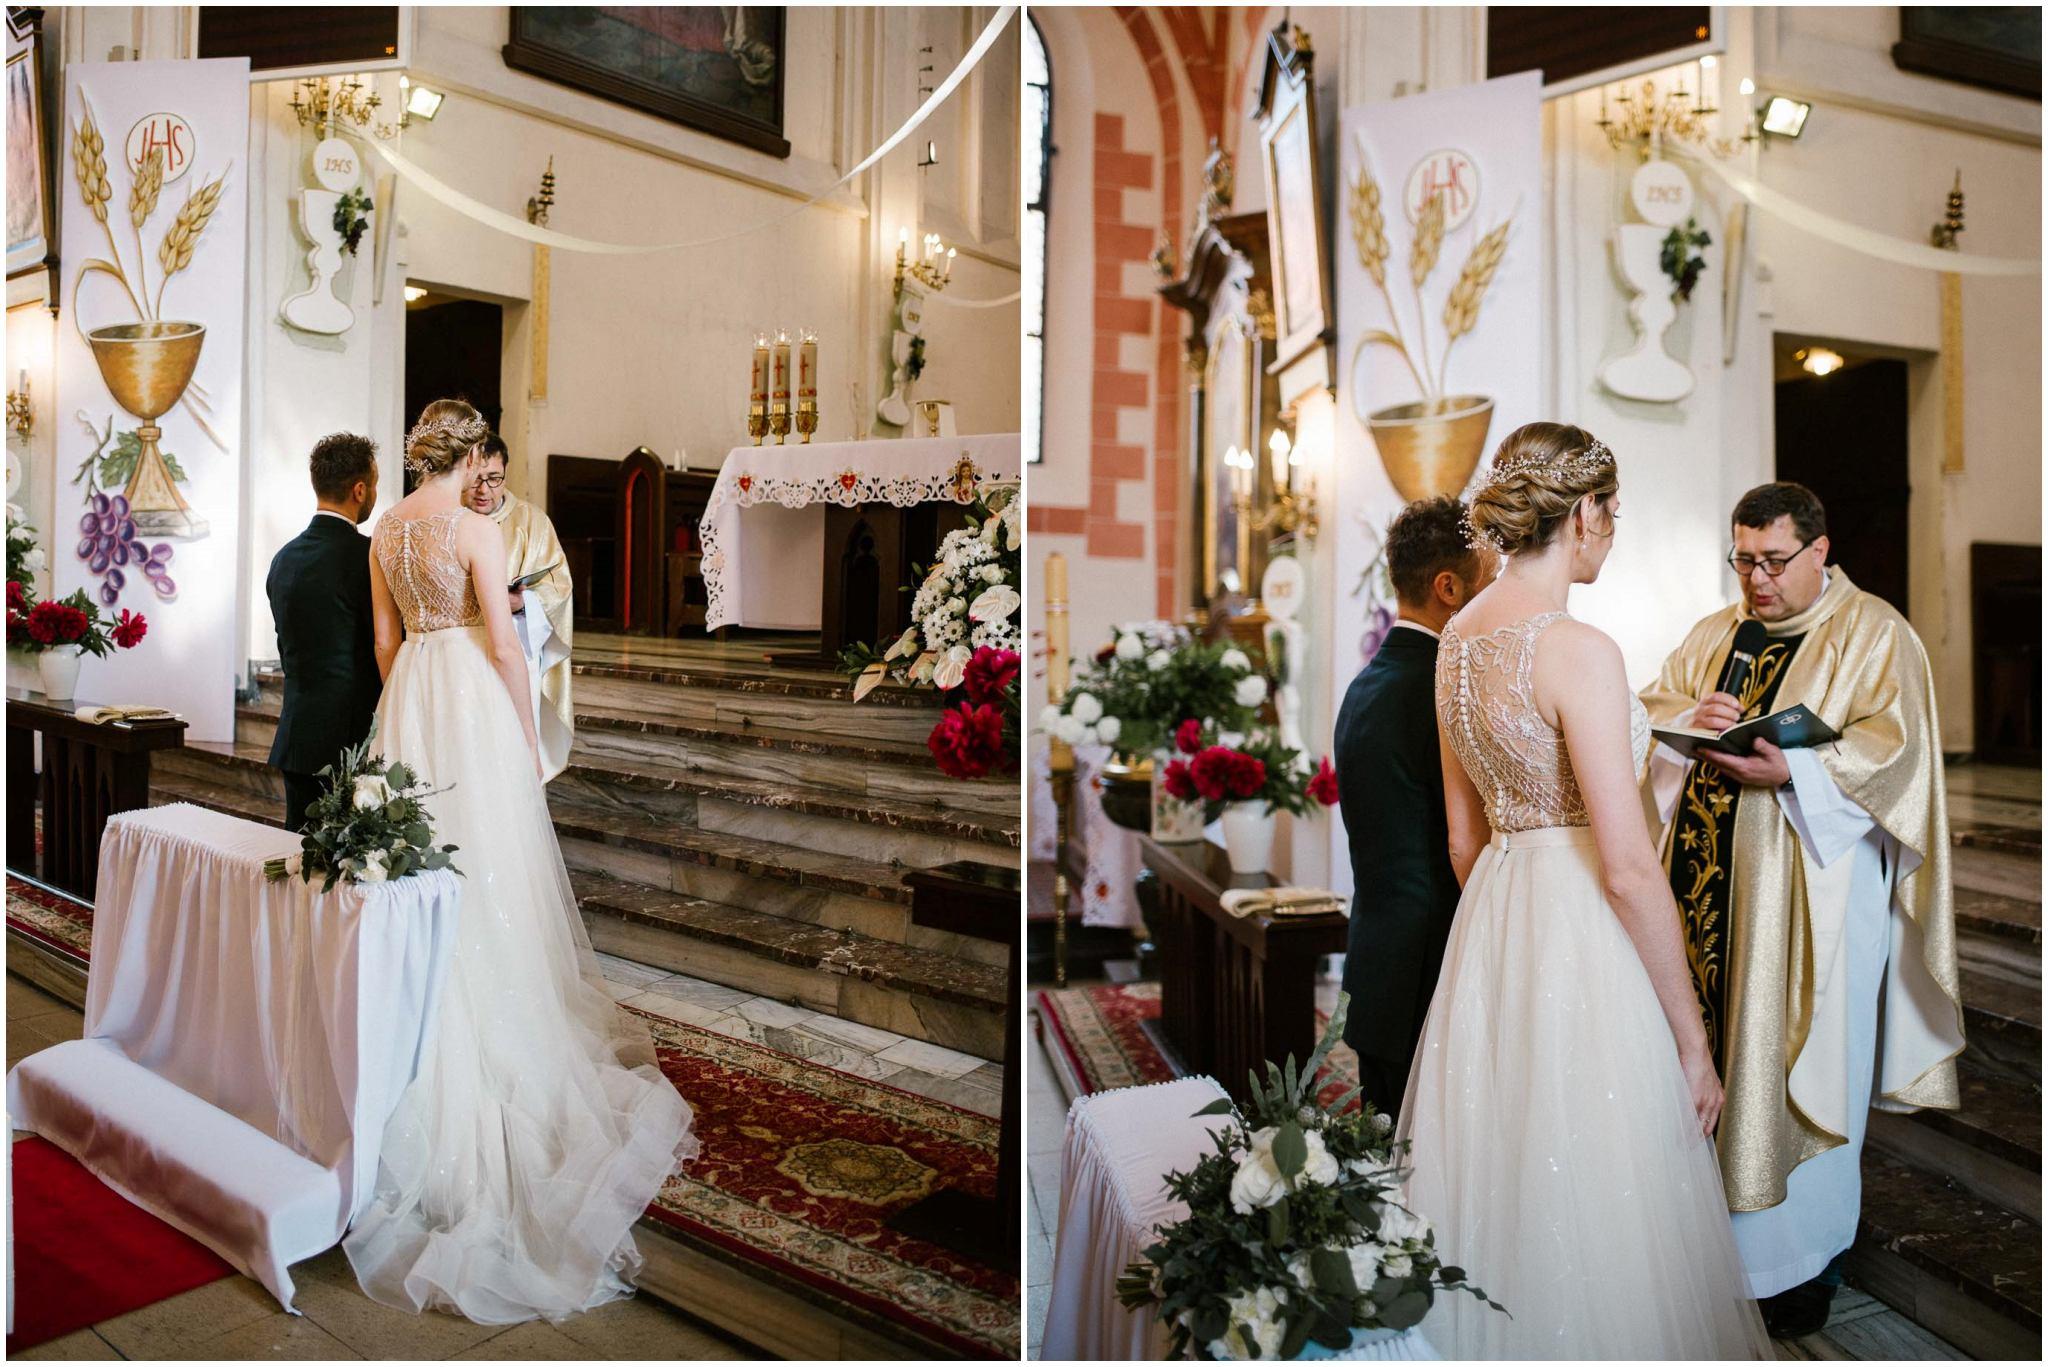 Przysięga małżeńska -  ślub w Stodole Bojanowo